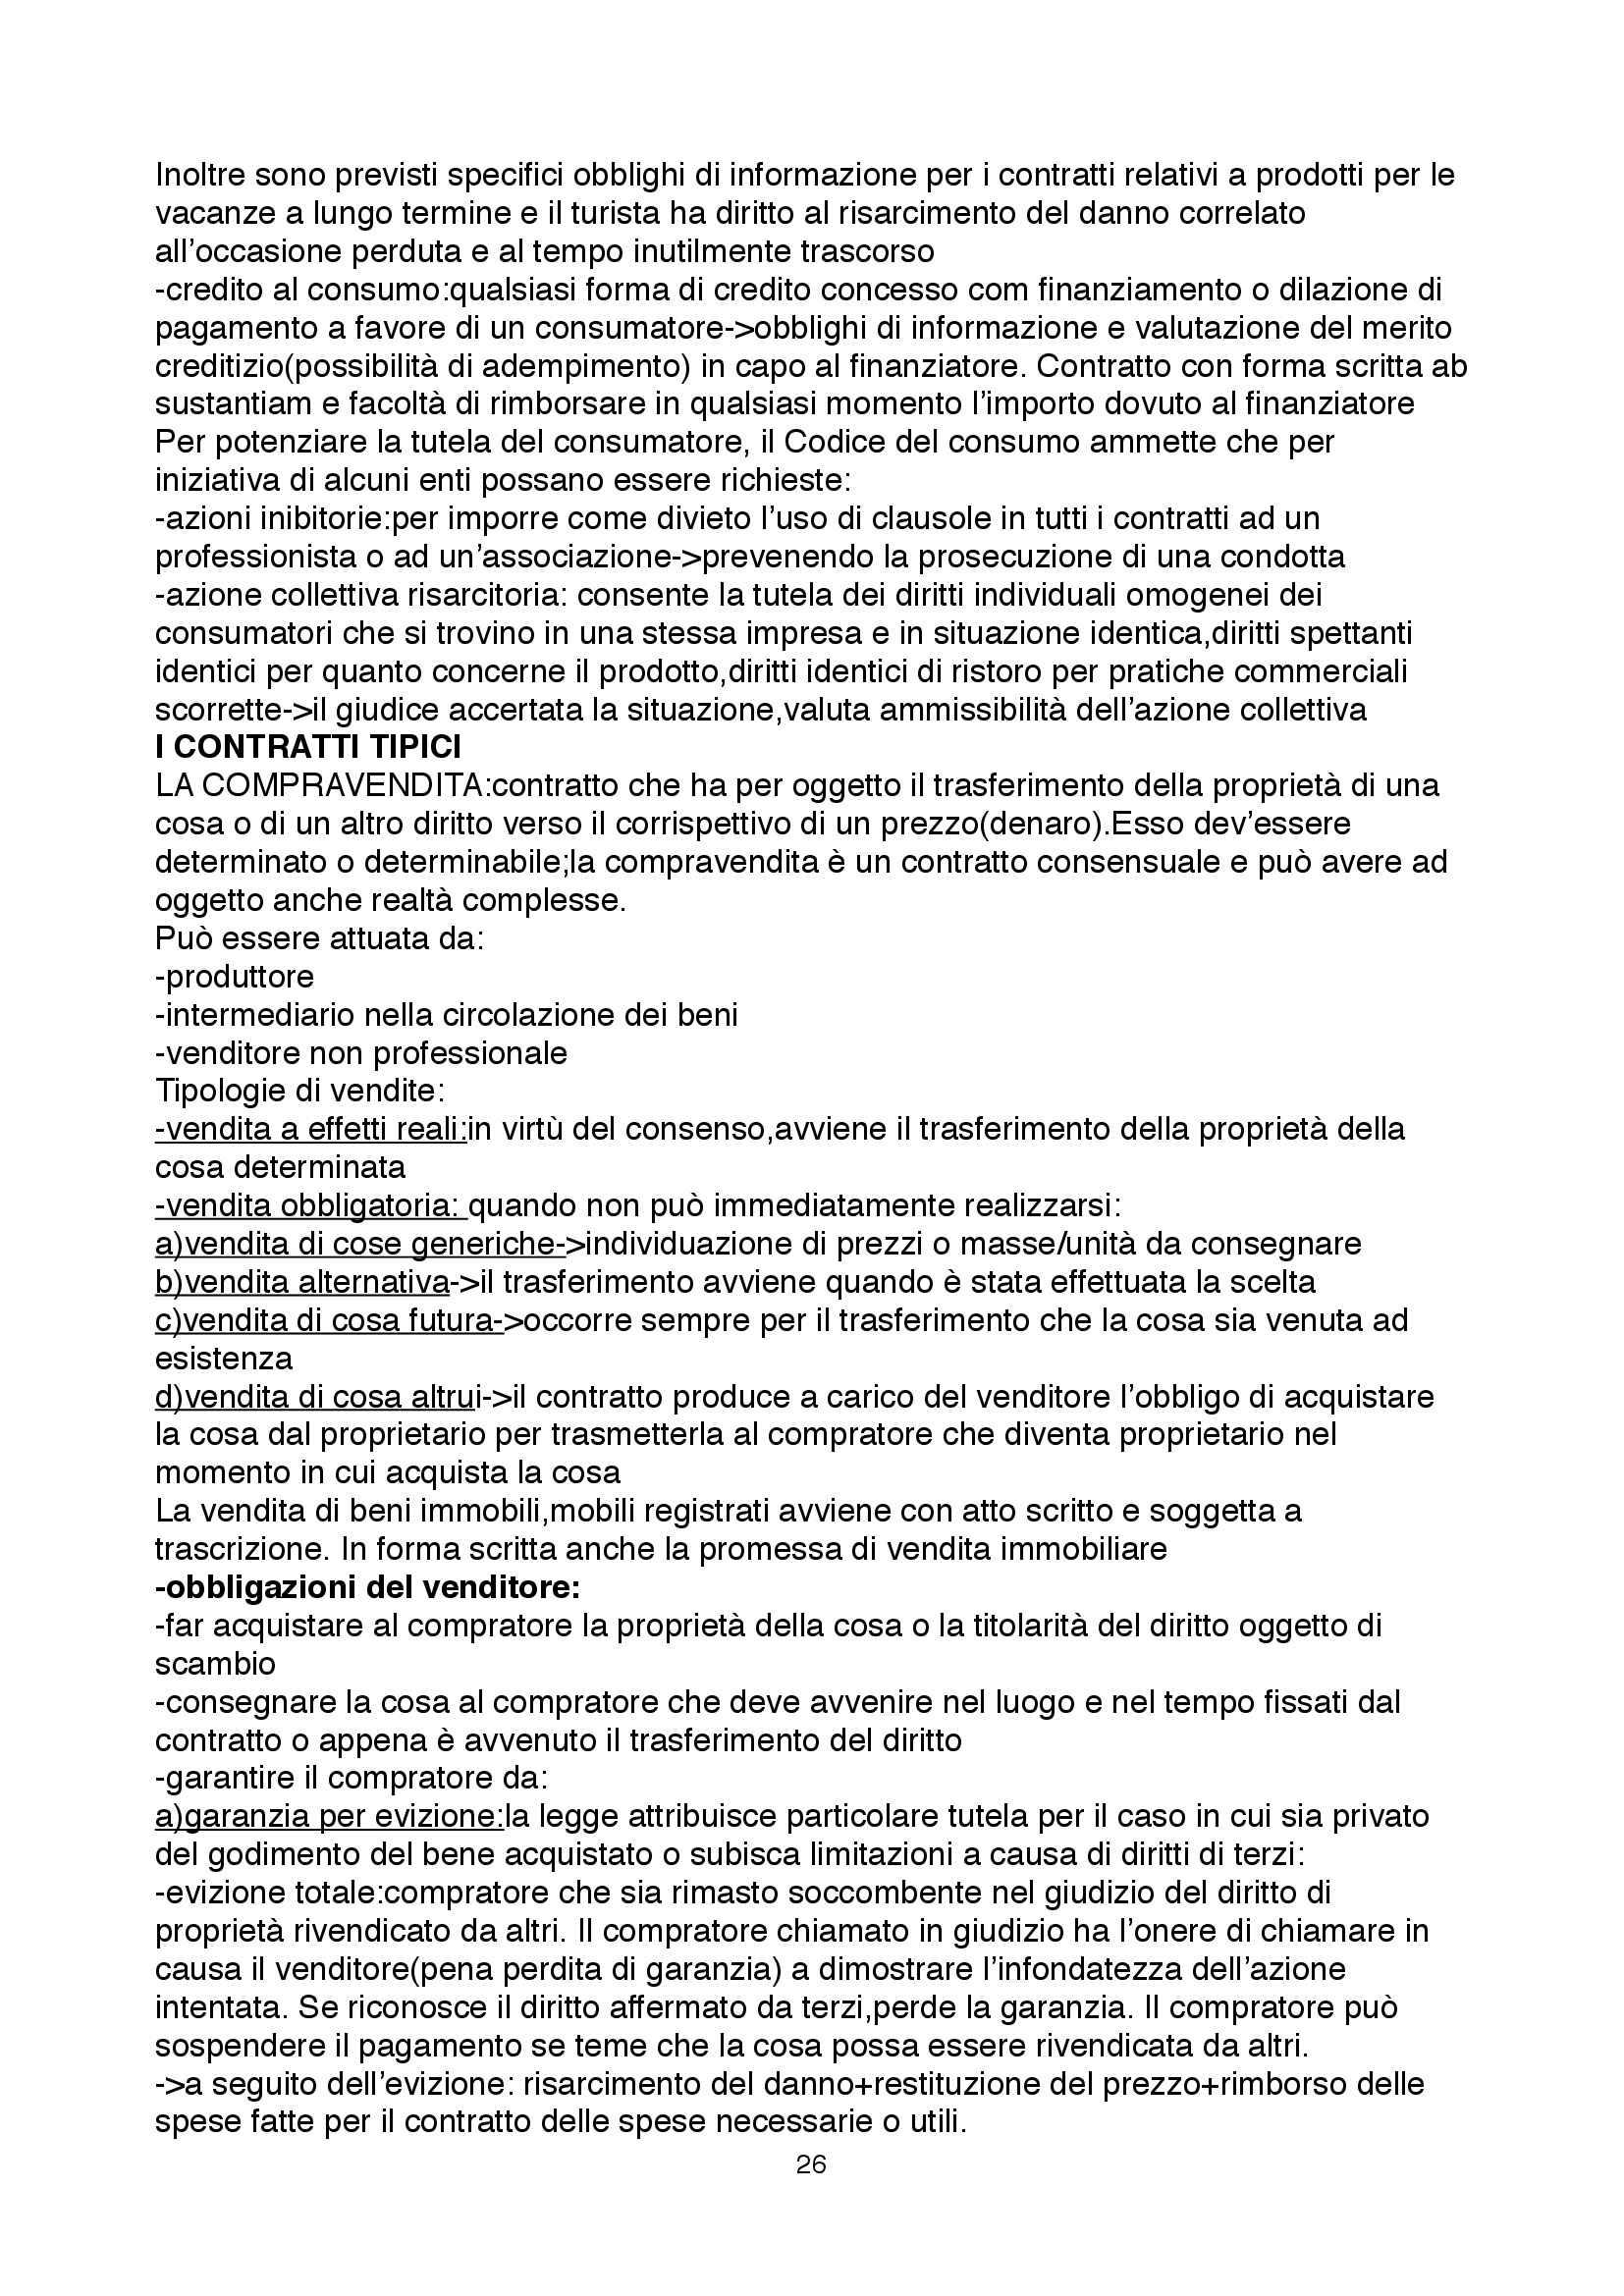 Riassunto esame Diritto Privato II, prof. Pasquino, libro consigliato Obbligazioni e Singoli Contratti di Torrente e Schlesinger Pag. 26